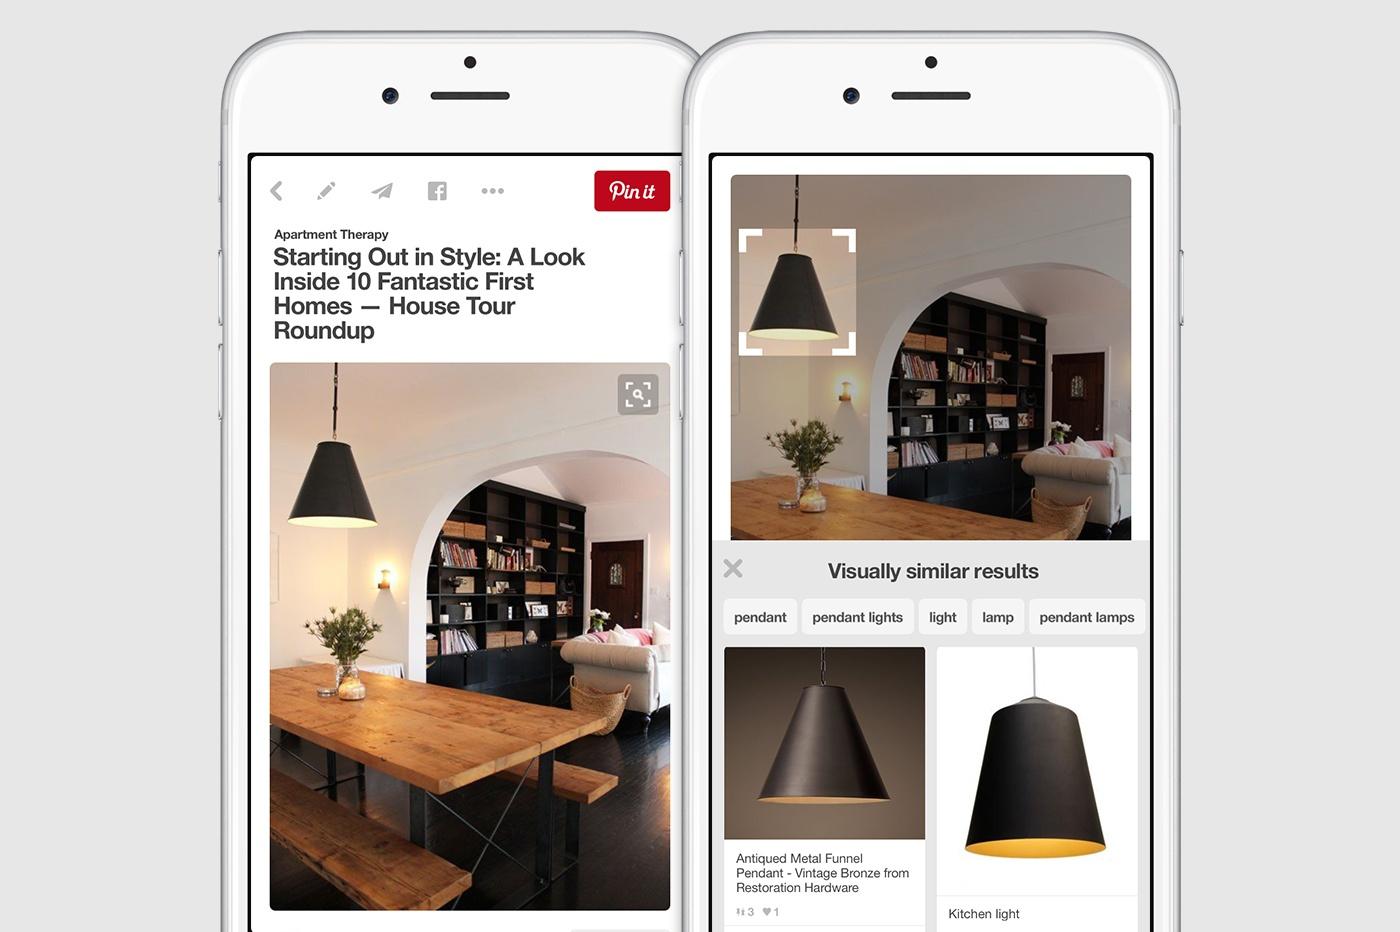 На Pinterest появился визуальный поисковик: объекты на фото теперь можно идентифицировать - 1